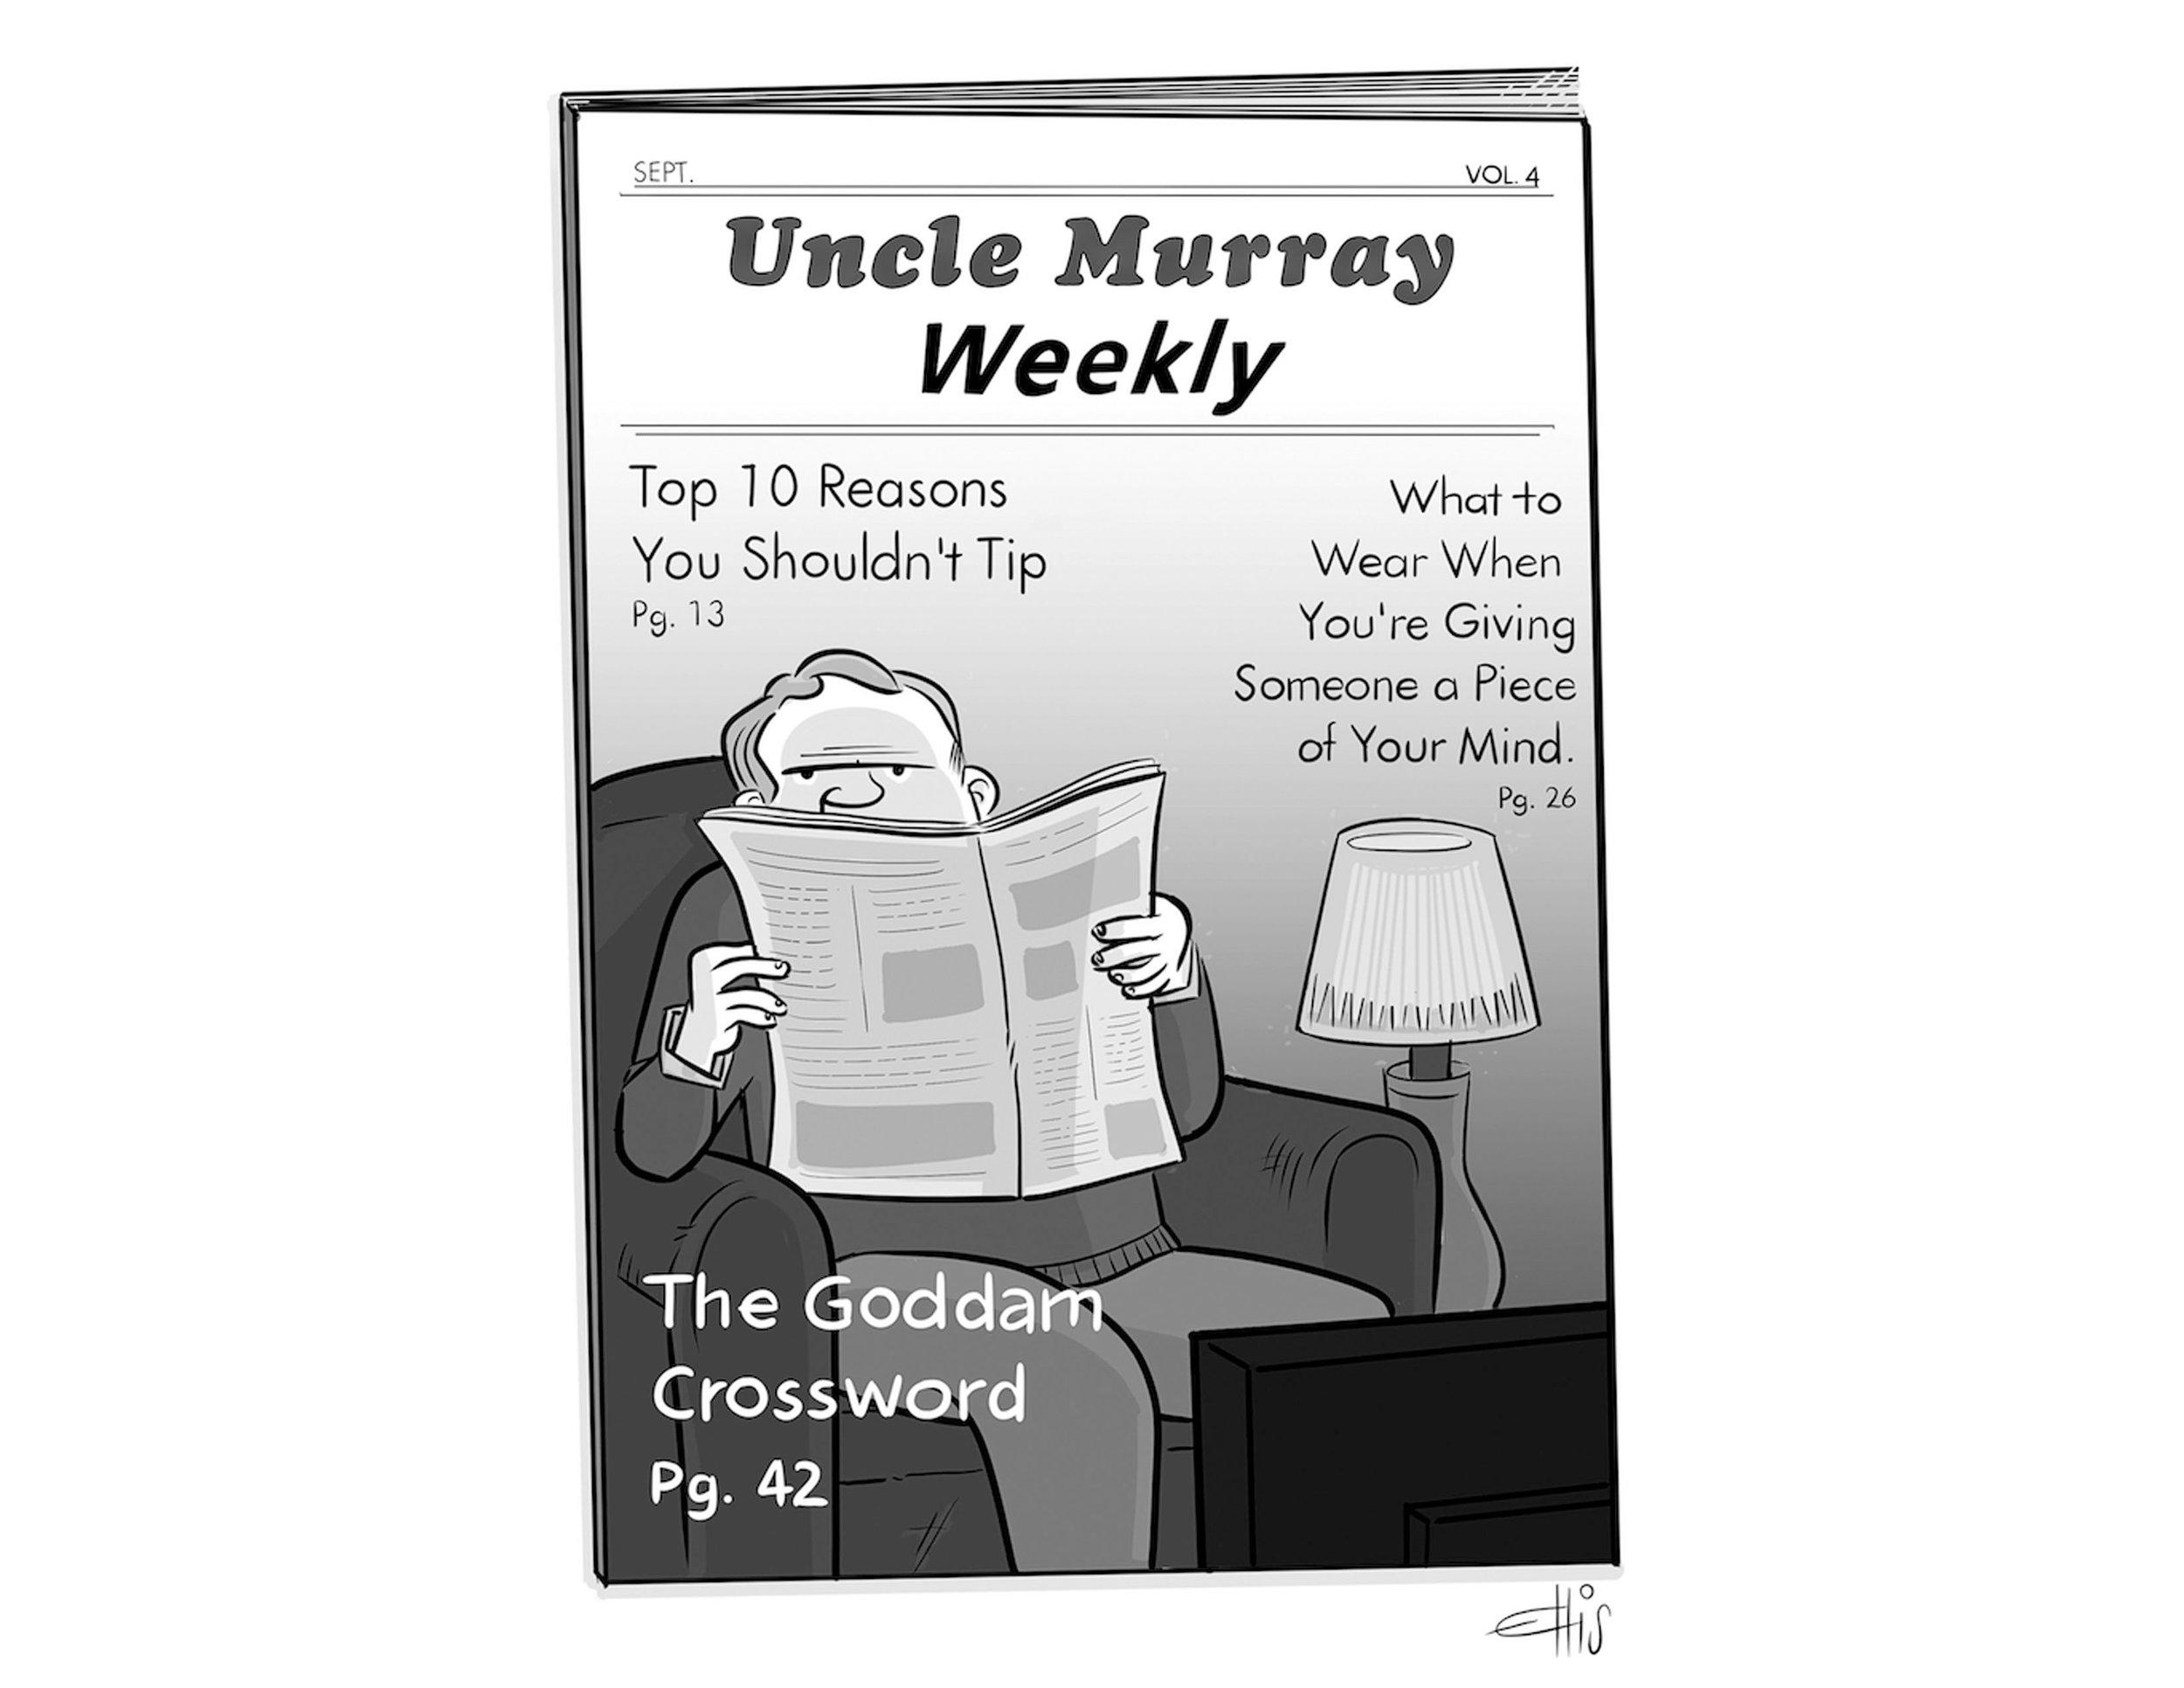 Uncle_Murray_Weekly.jpg